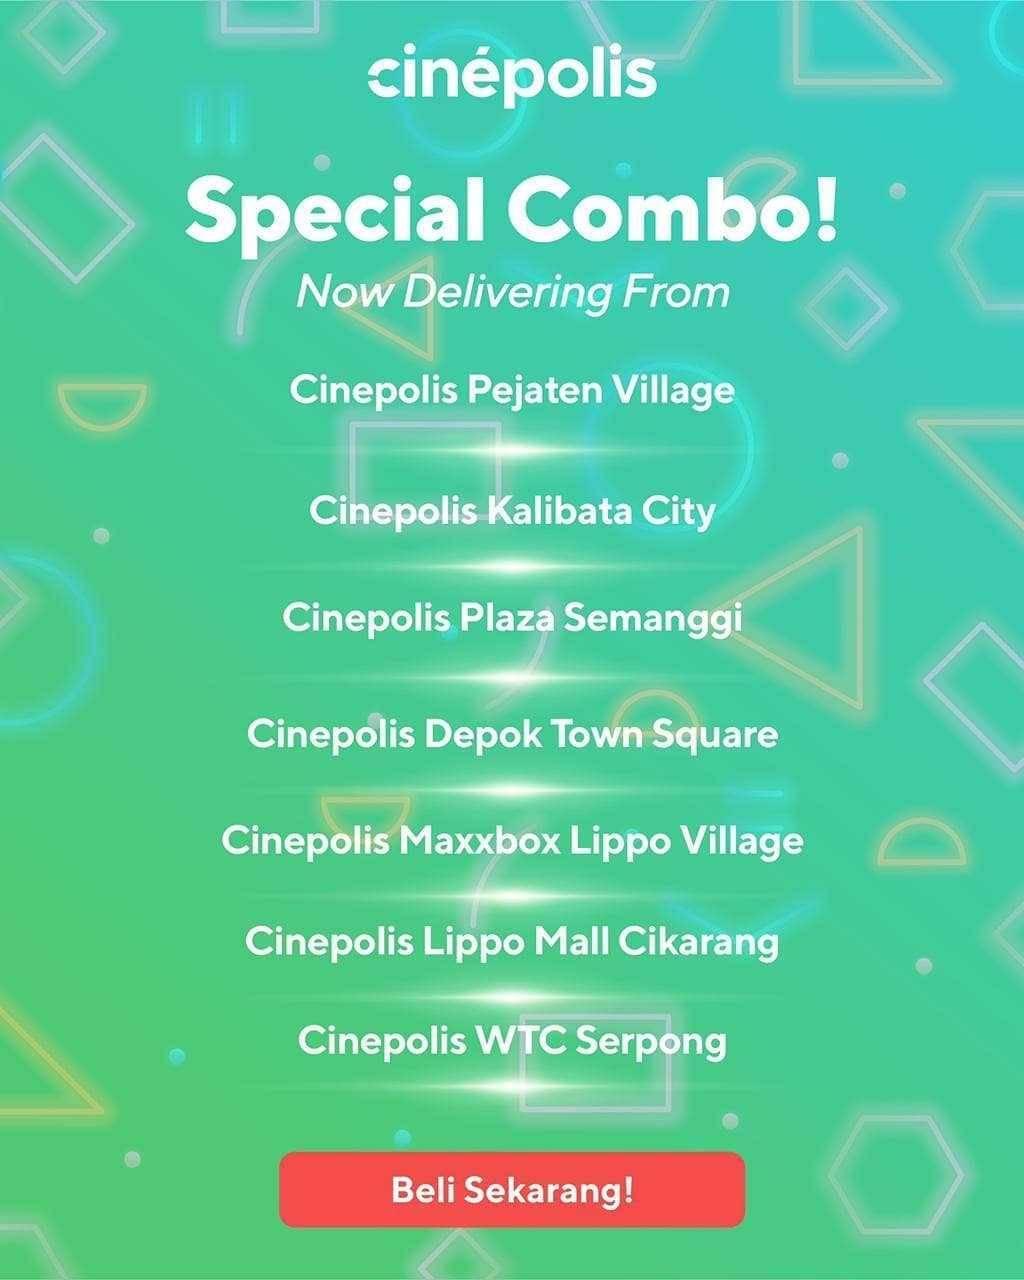 Promo diskon Promo Cinepolis Paket Special Combo Mulai Dari Rp. 27.900 Untuk Pemesanan Melalui GoFood